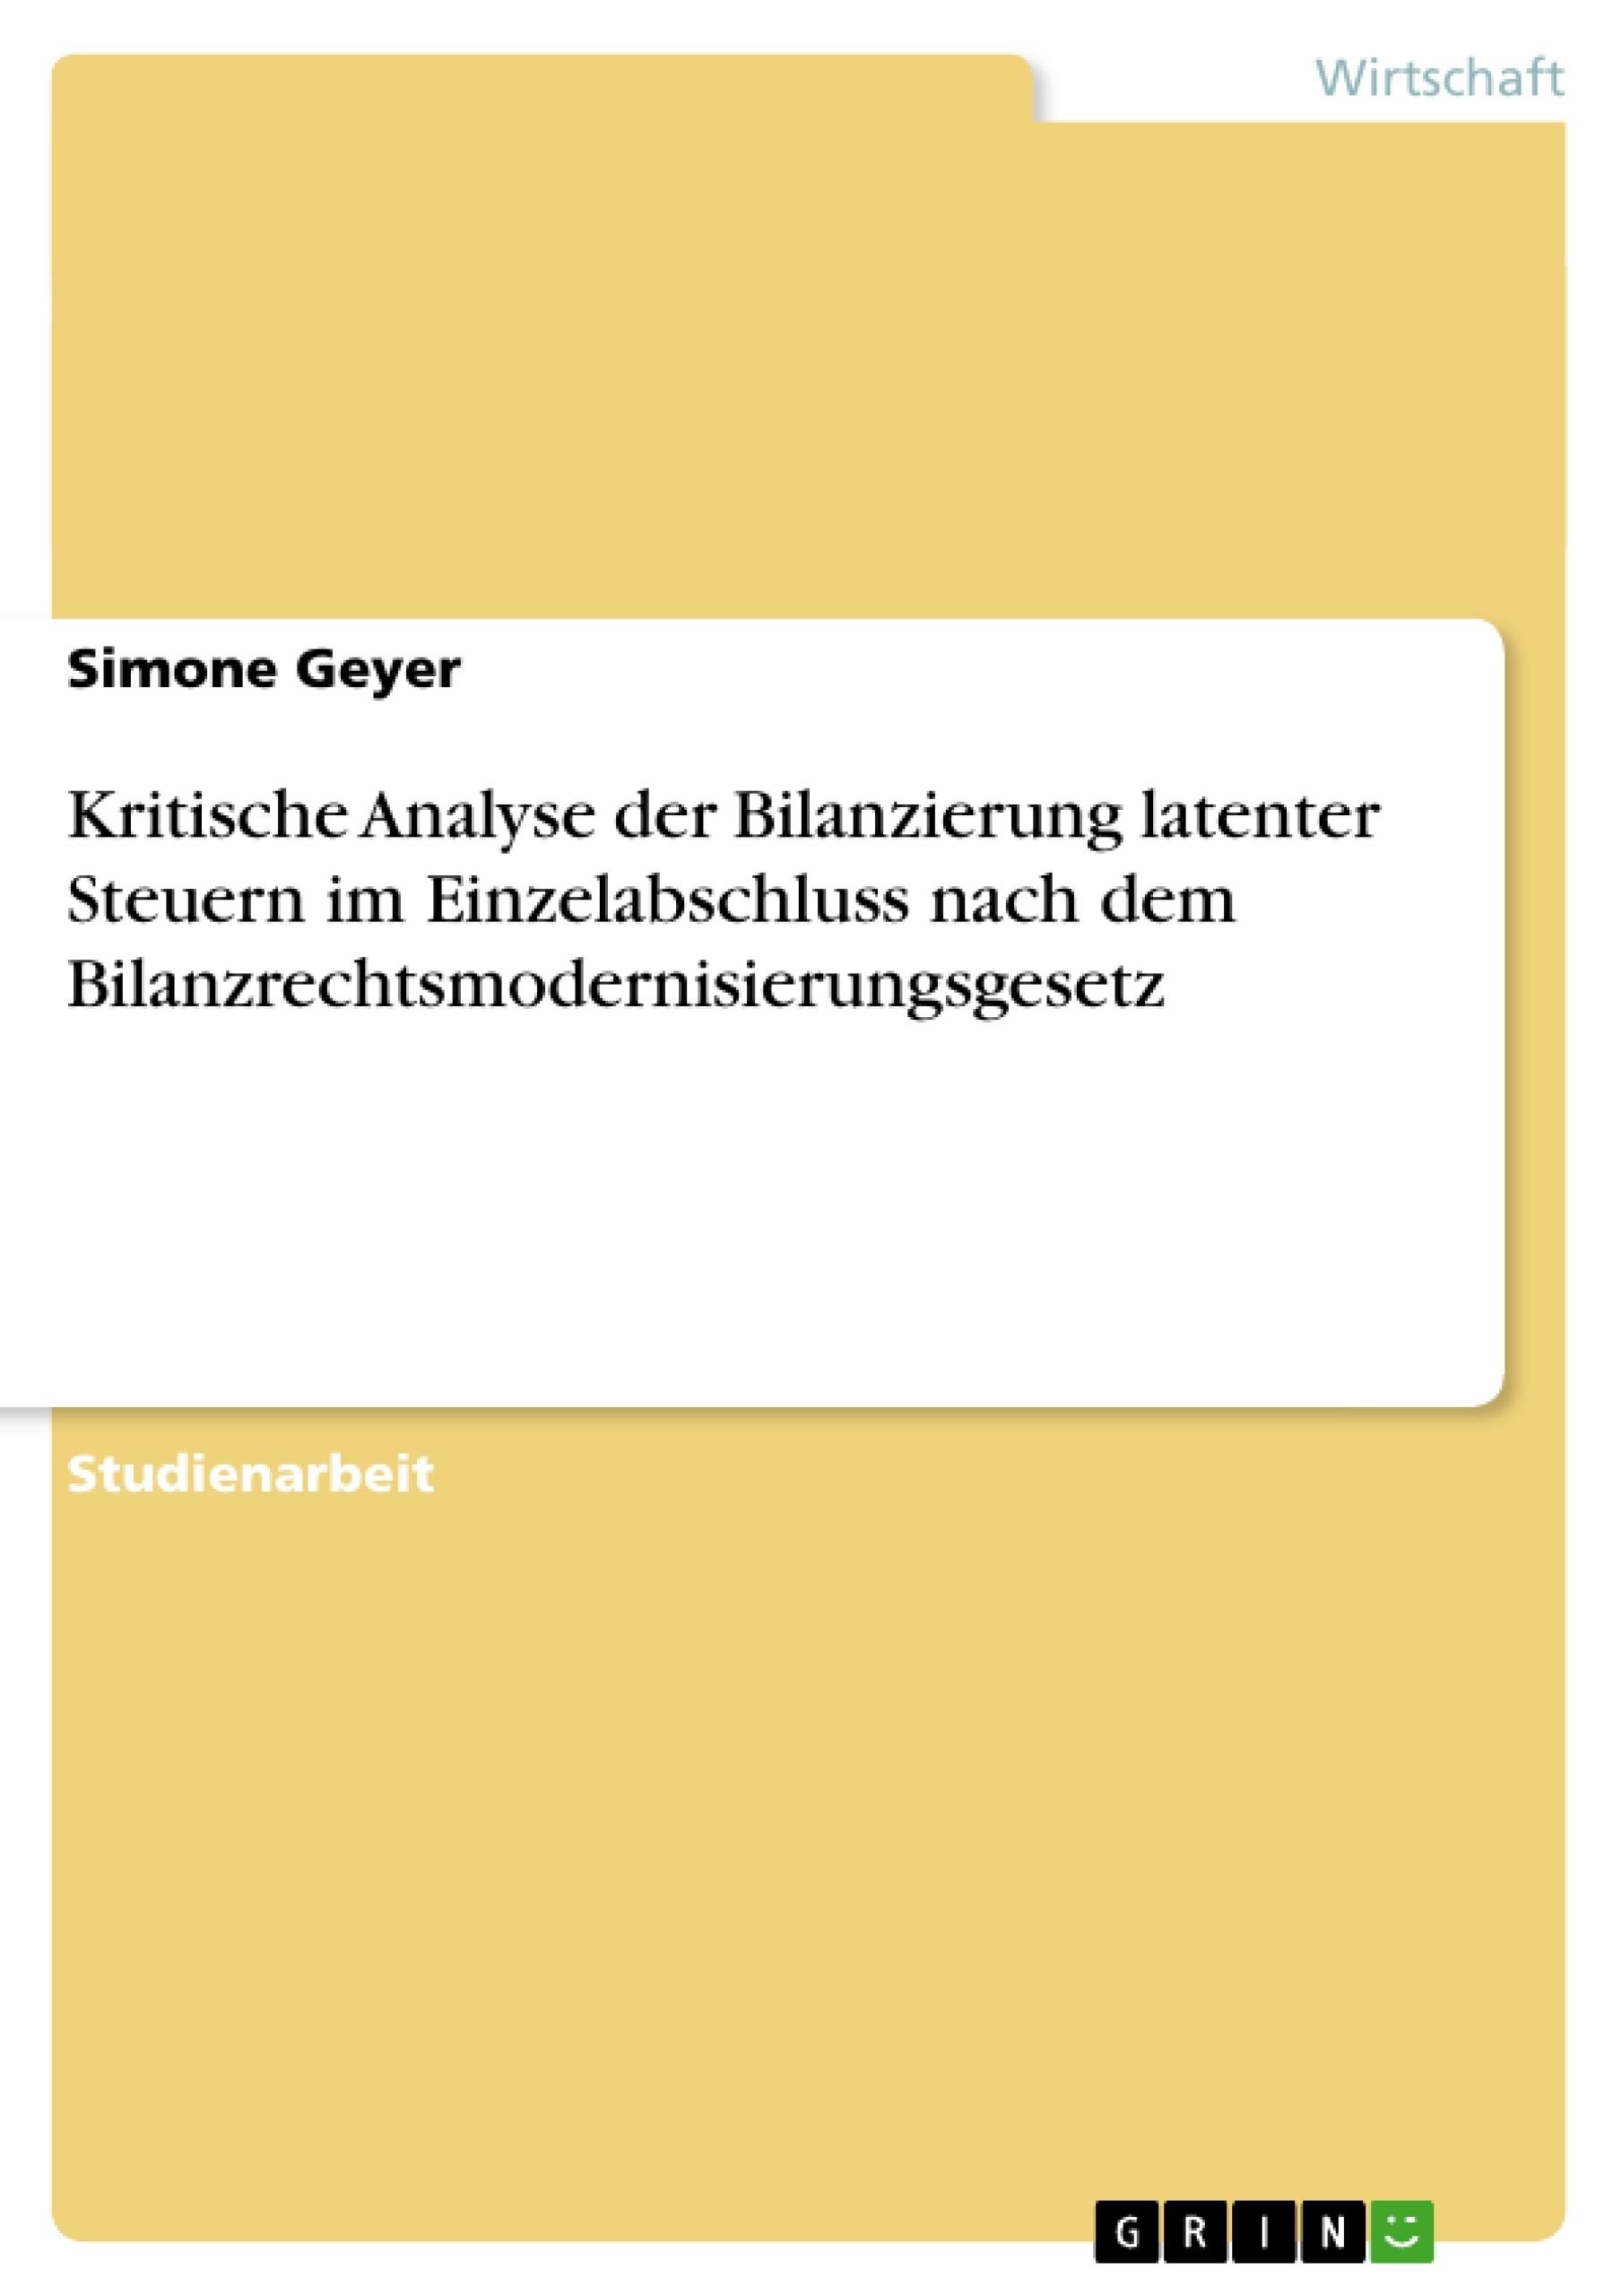 Titel: Kritische Analyse der Bilanzierung latenter Steuern im Einzelabschluss nach dem Bilanzrechtsmodernisierungsgesetz